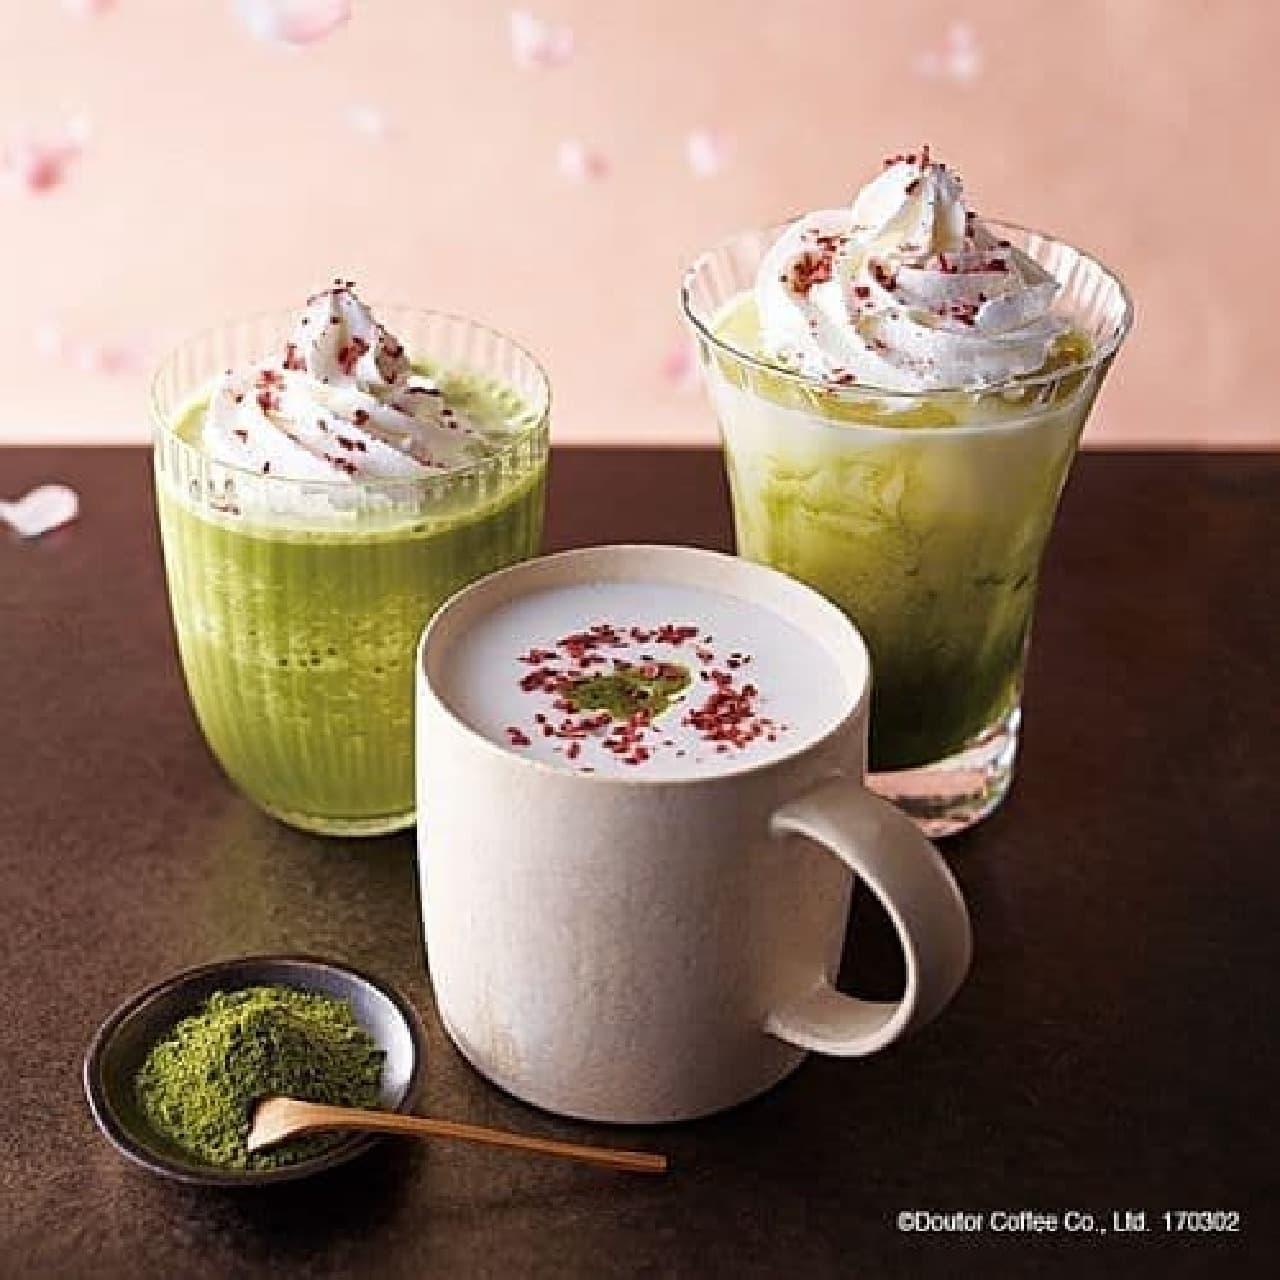 エクセルシオール カフェ「国産さくらのホワイトショコラ抹茶ラテ」